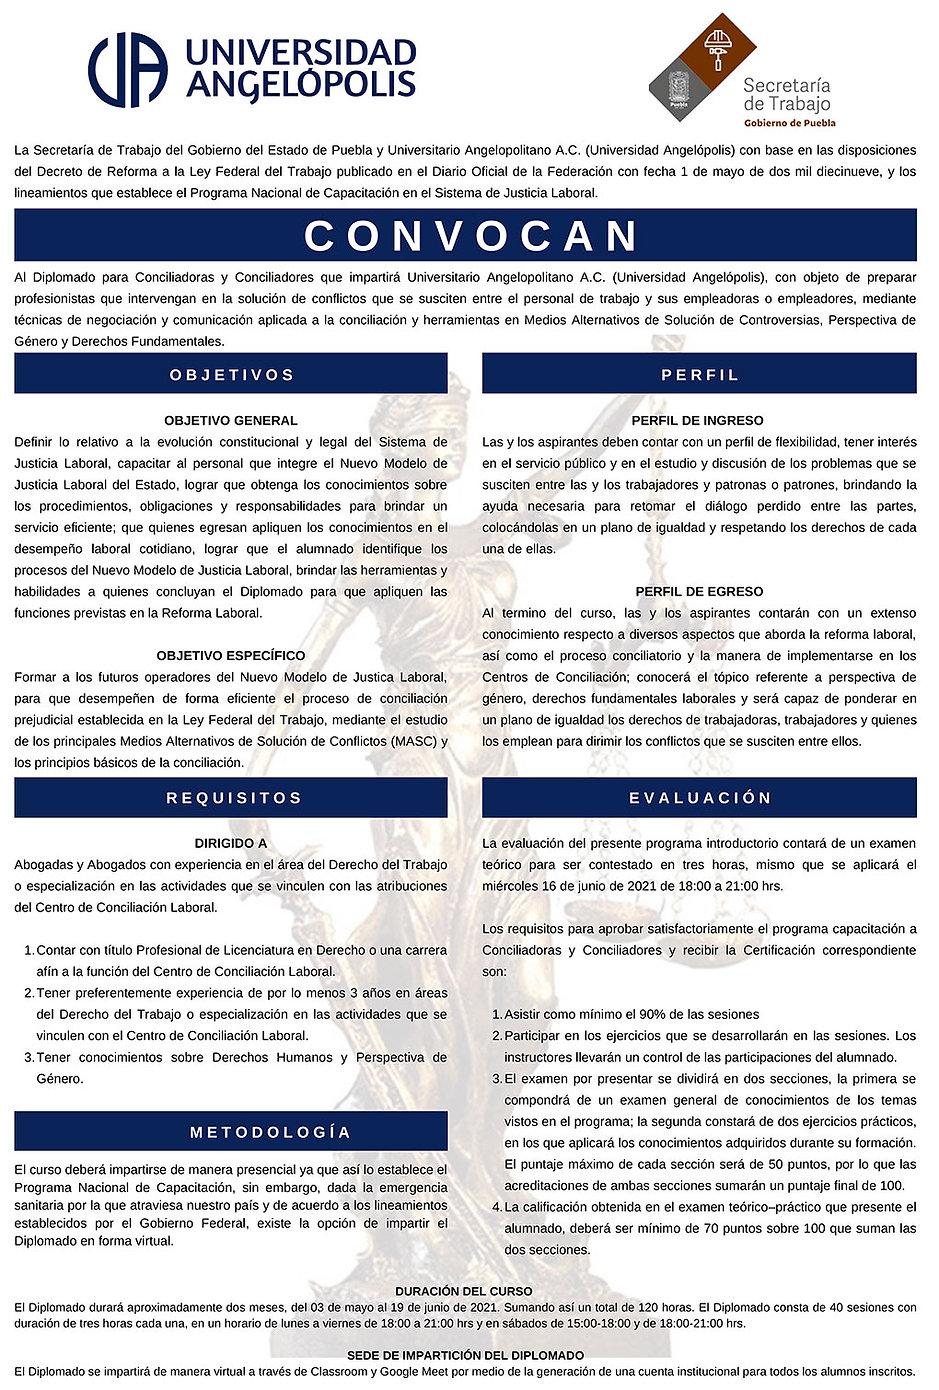 conv1.jpg